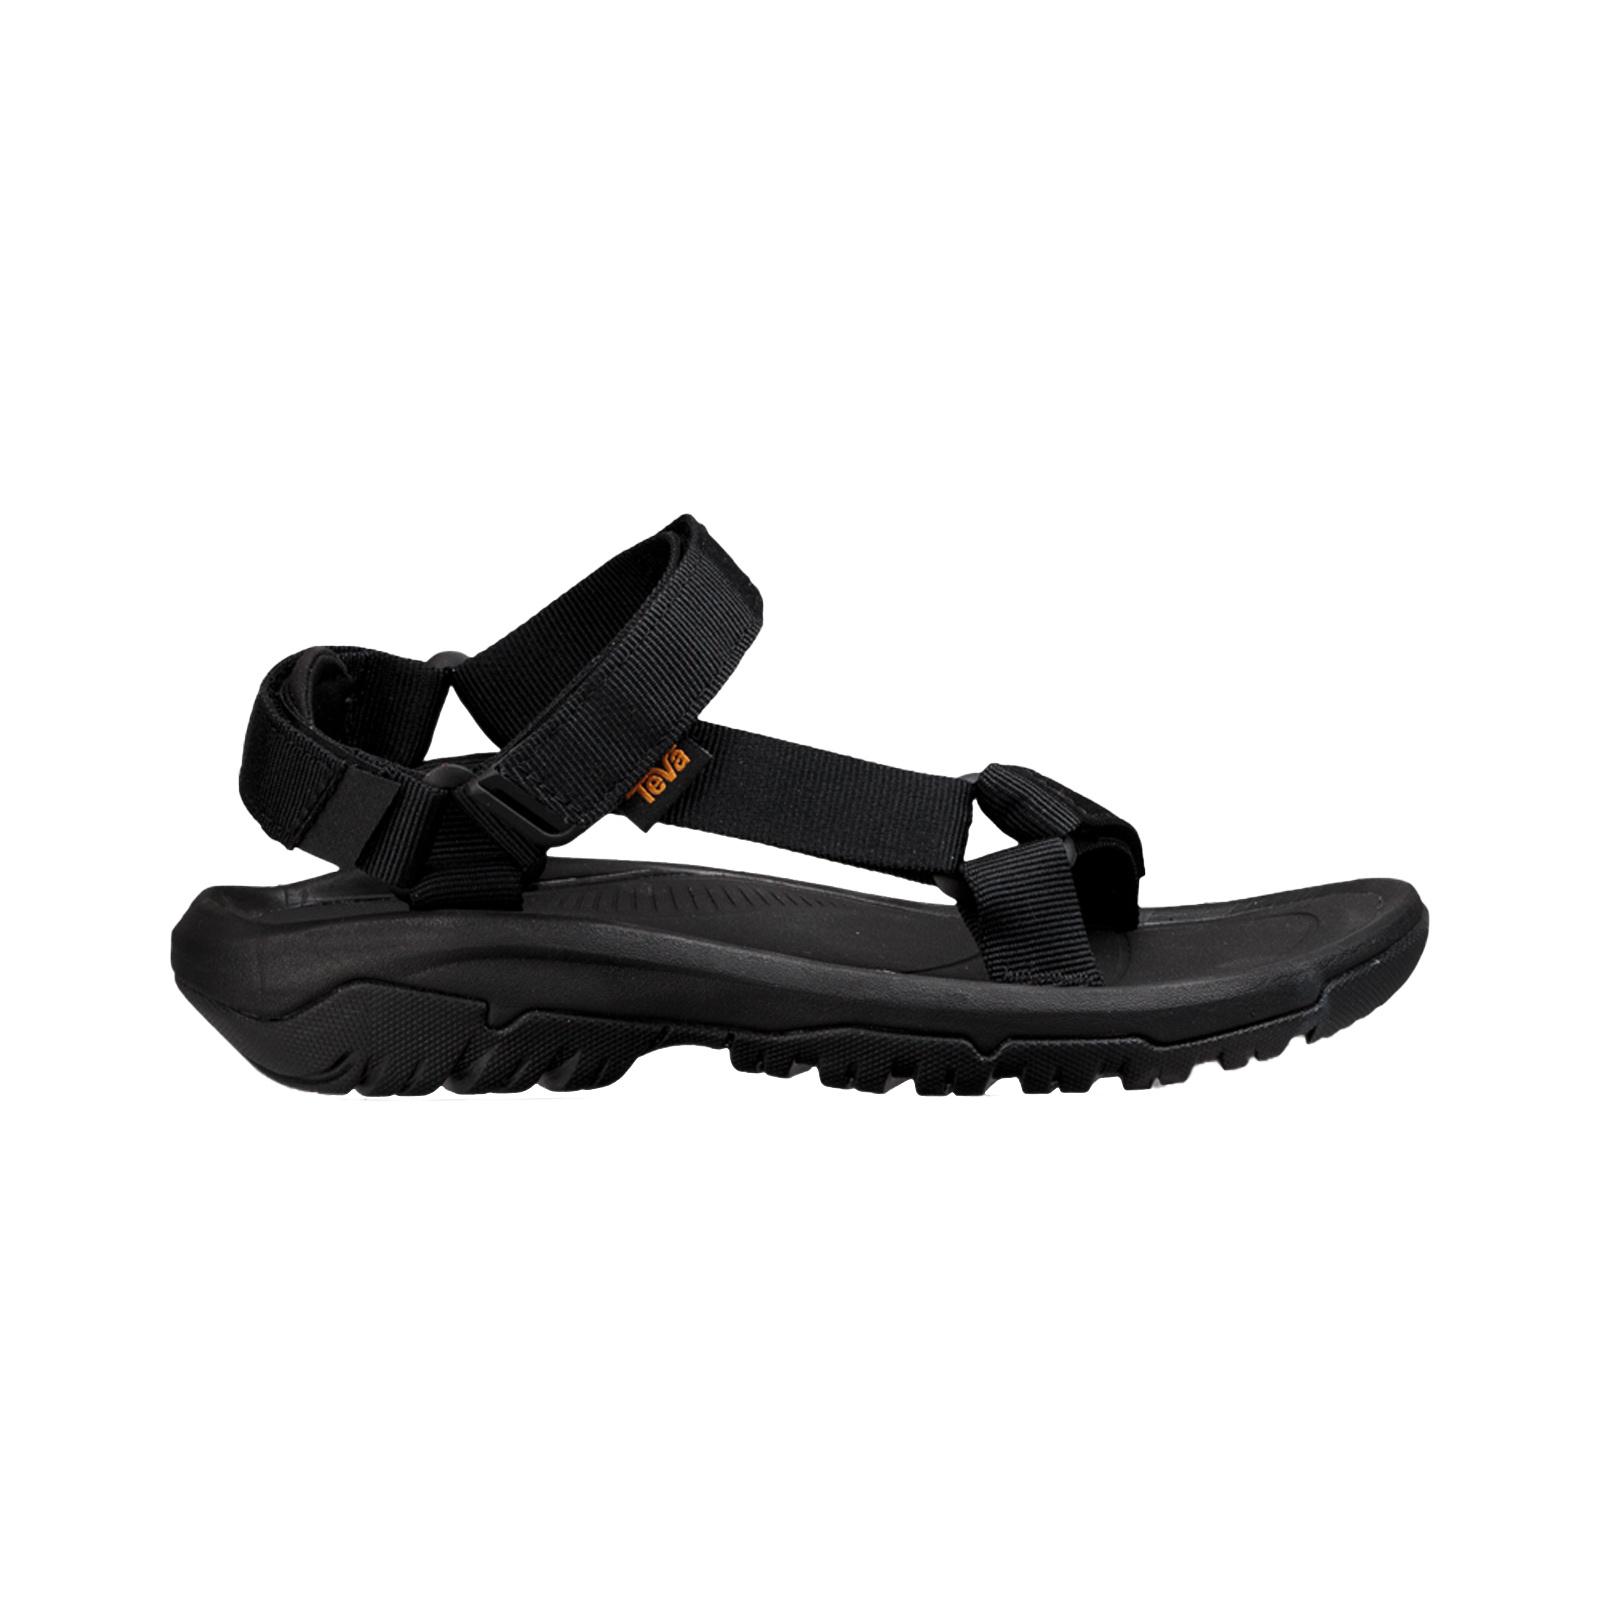 Levně Teva Hurricane XLT2 L EU 39, černá Dámské sandále